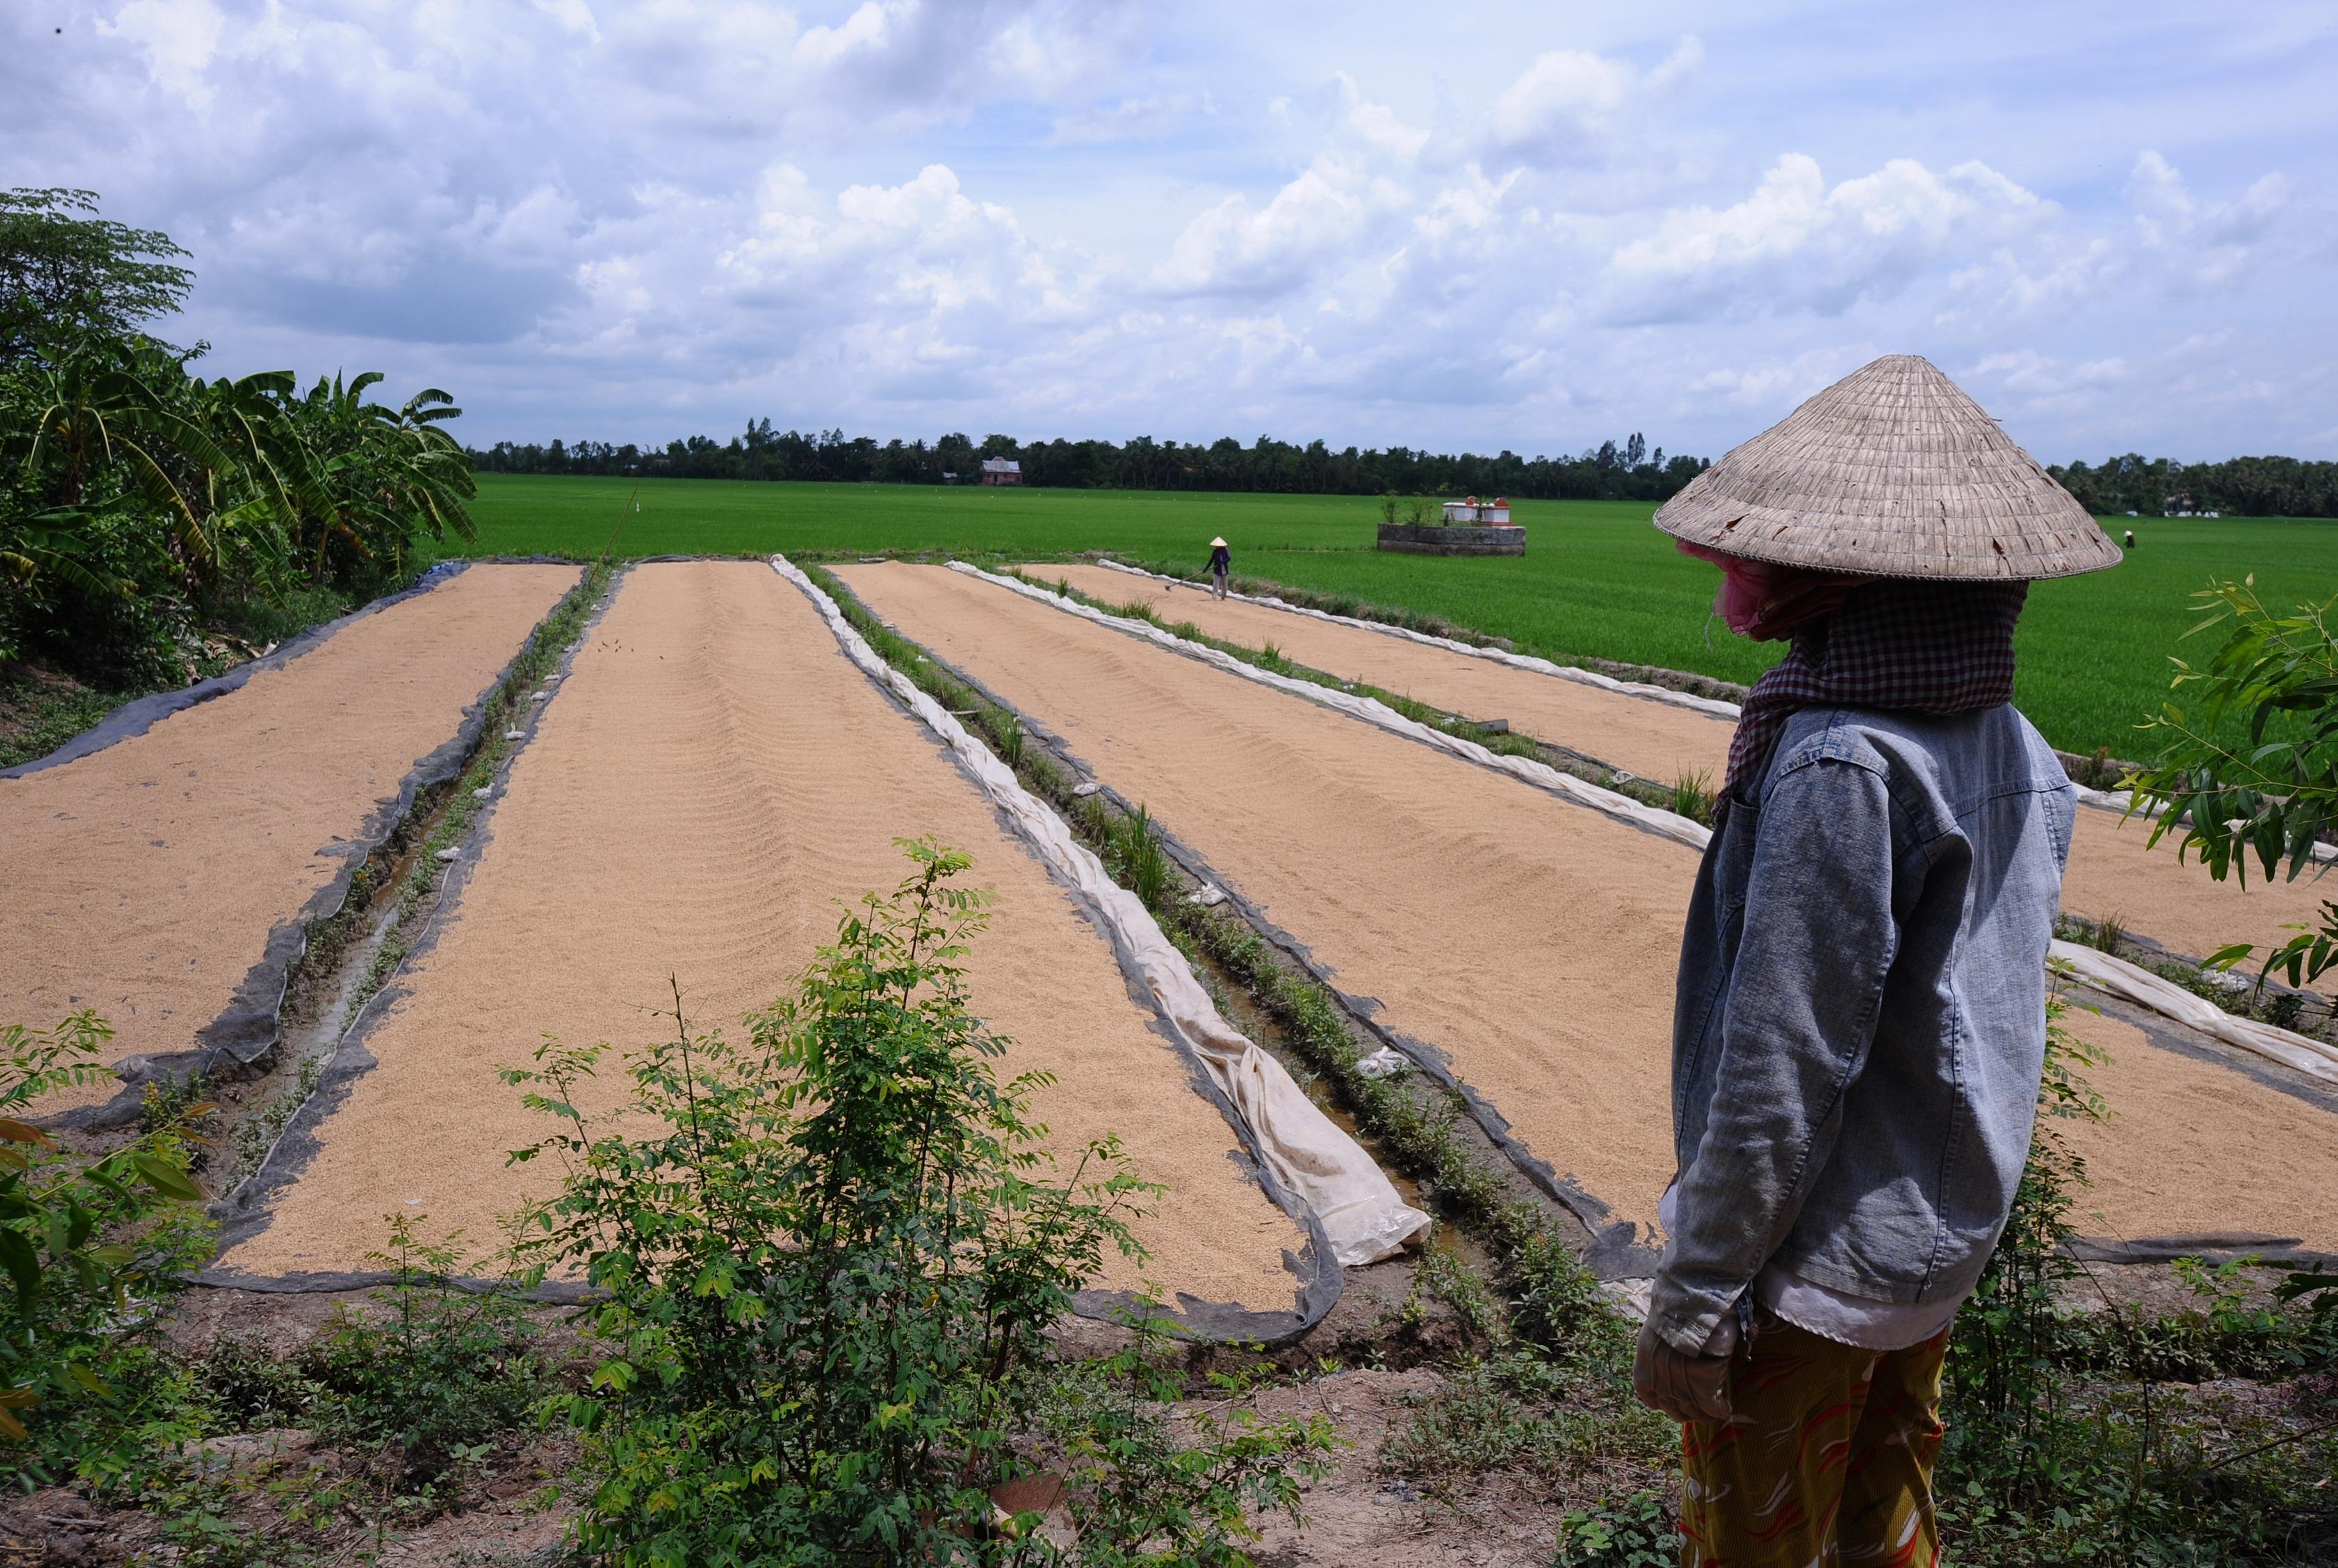 Nông dân phơi lúa trên một cánh đồng ở huyện Phú Nhuận, tỉnh Tiền Giang, ảnh chụp trước đây.